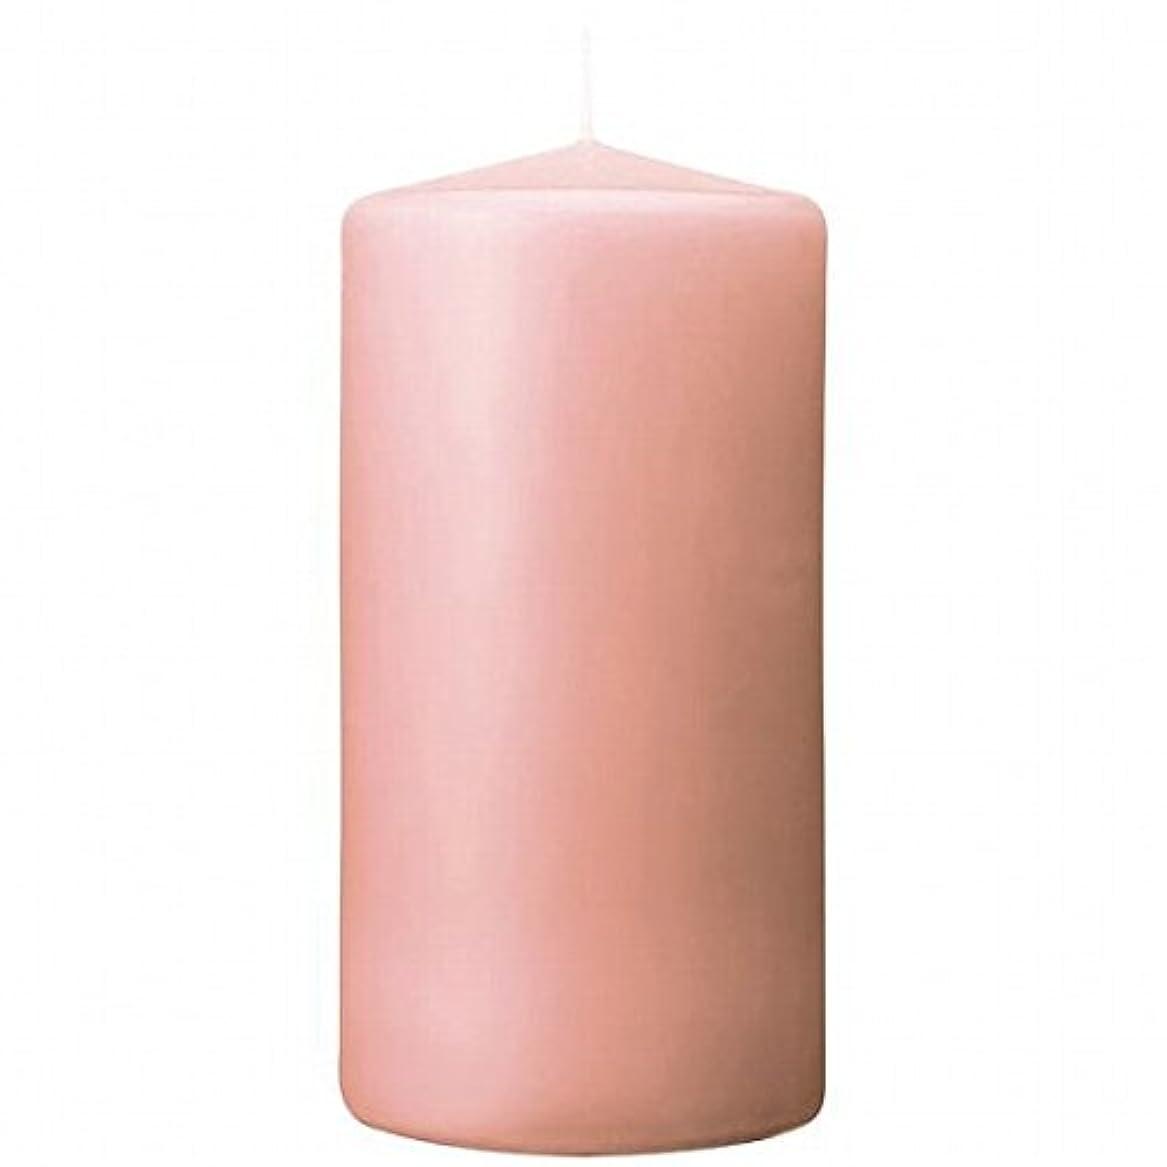 ランドマークオフセットアラスカkameyama candle(カメヤマキャンドル) 3×6ベルトップピラーキャンドル 「 ピーチアンバ 」(A9730010PA)